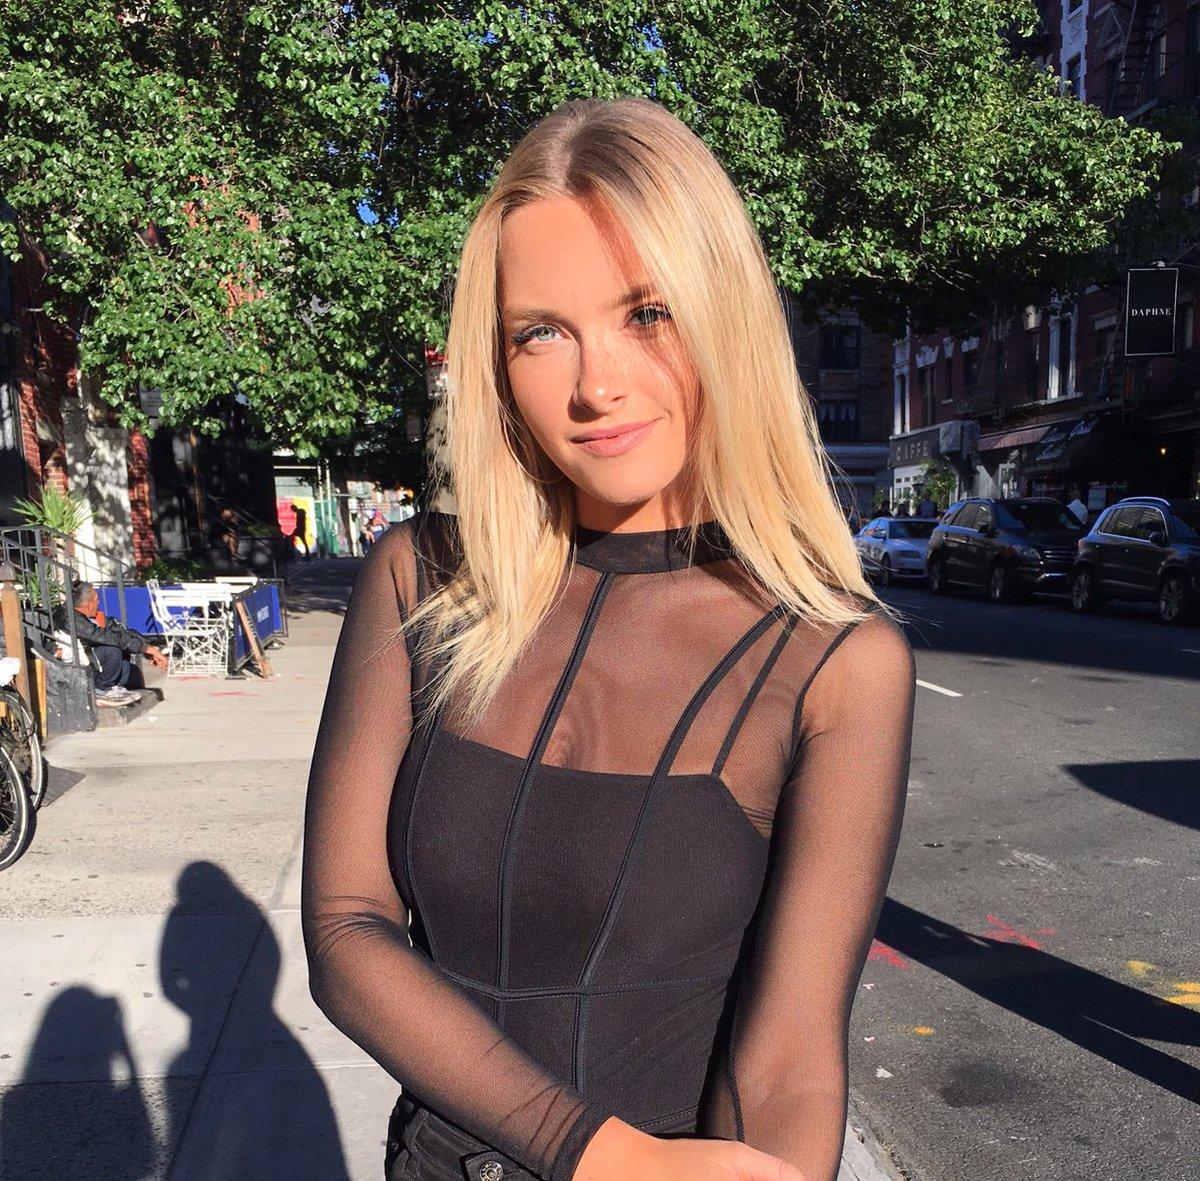 Camille Kostek naked (58 images) Video, Twitter, in bikini